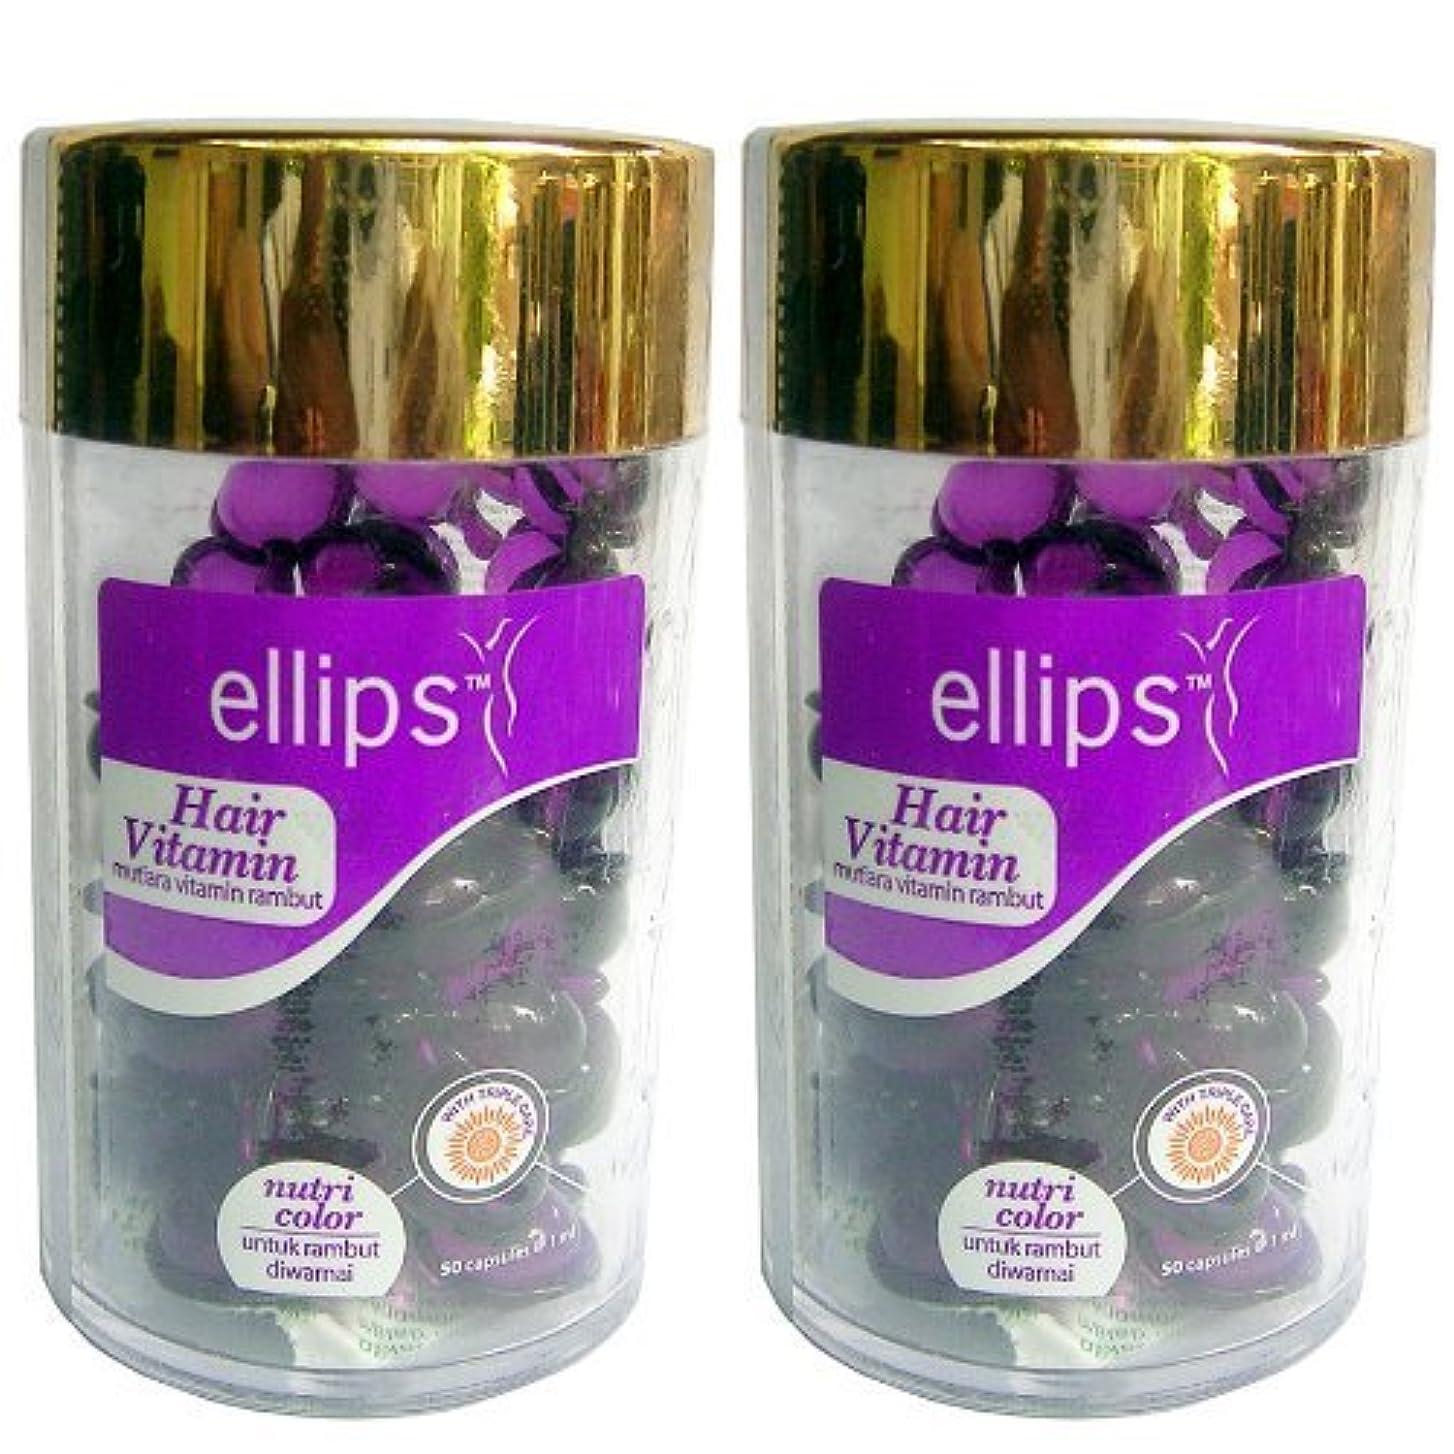 変えるラインナップ接続されたEllips(エリプス)ヘアビタミン(50粒入)2個セット [並行輸入品][海外直送品] パープル